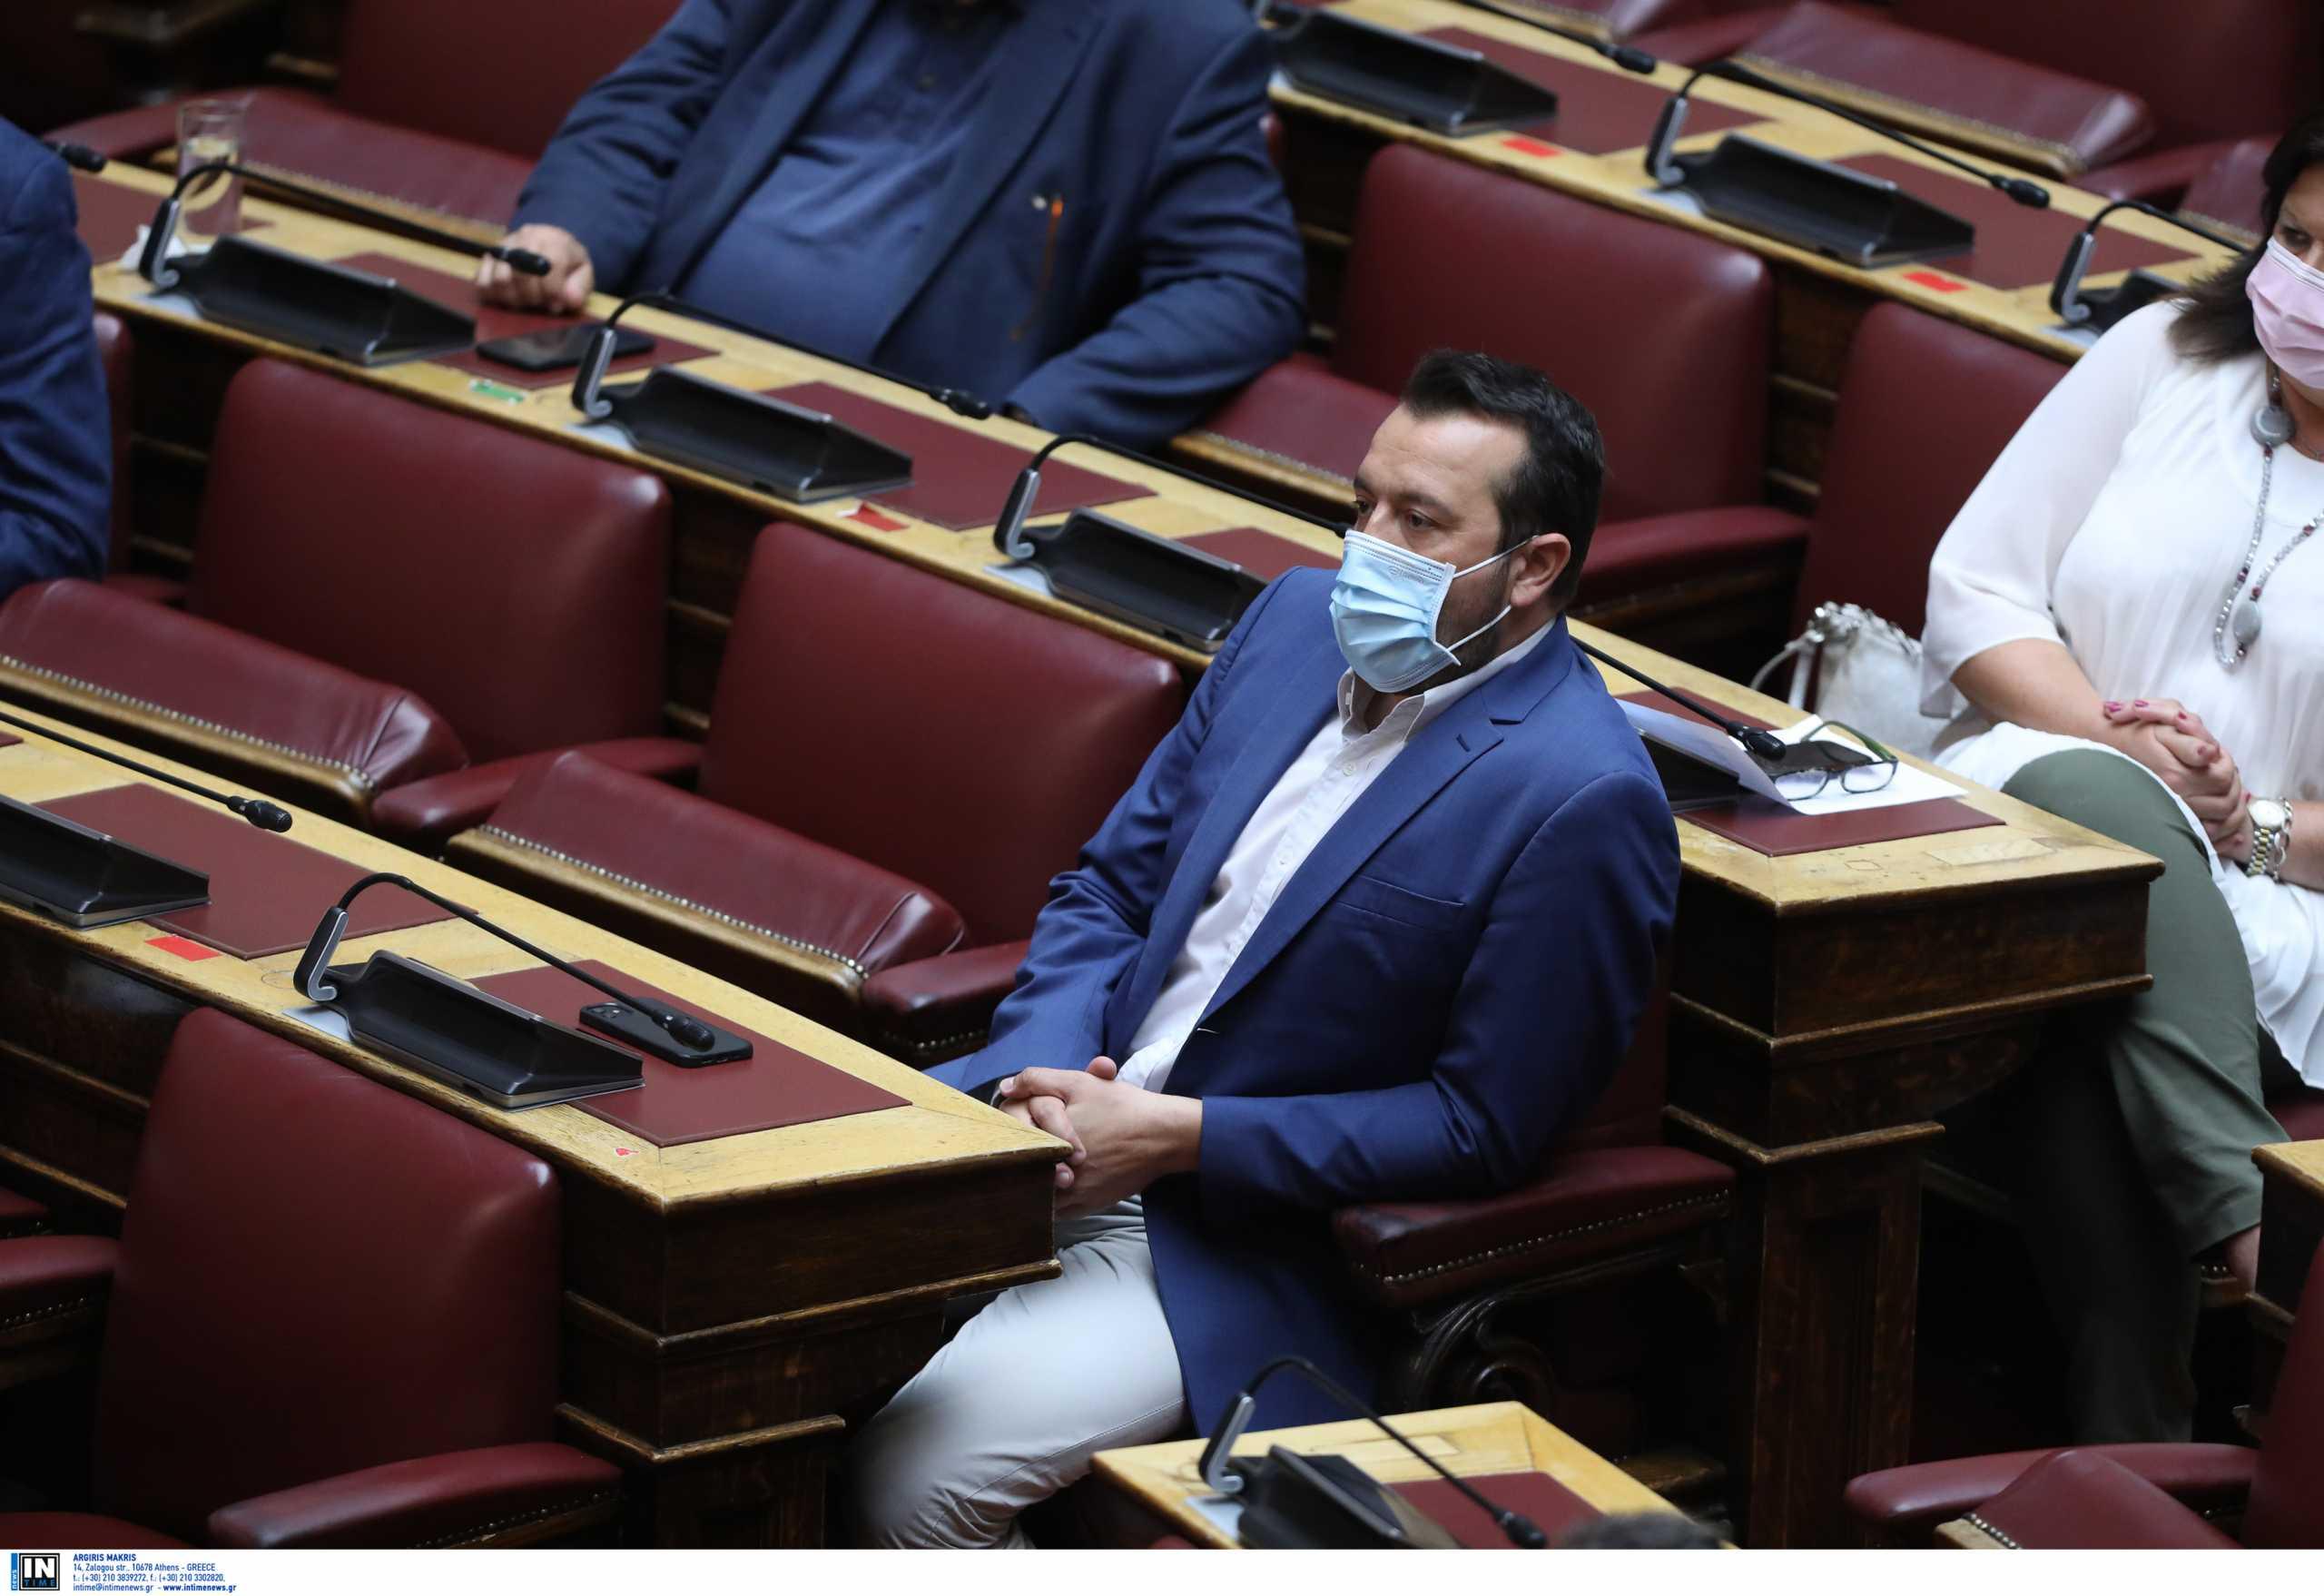 Βουλή: Η συζήτηση για την άσκηση δίωξης ή μη κατά του πρώην υπουργού Νίκου Παππά